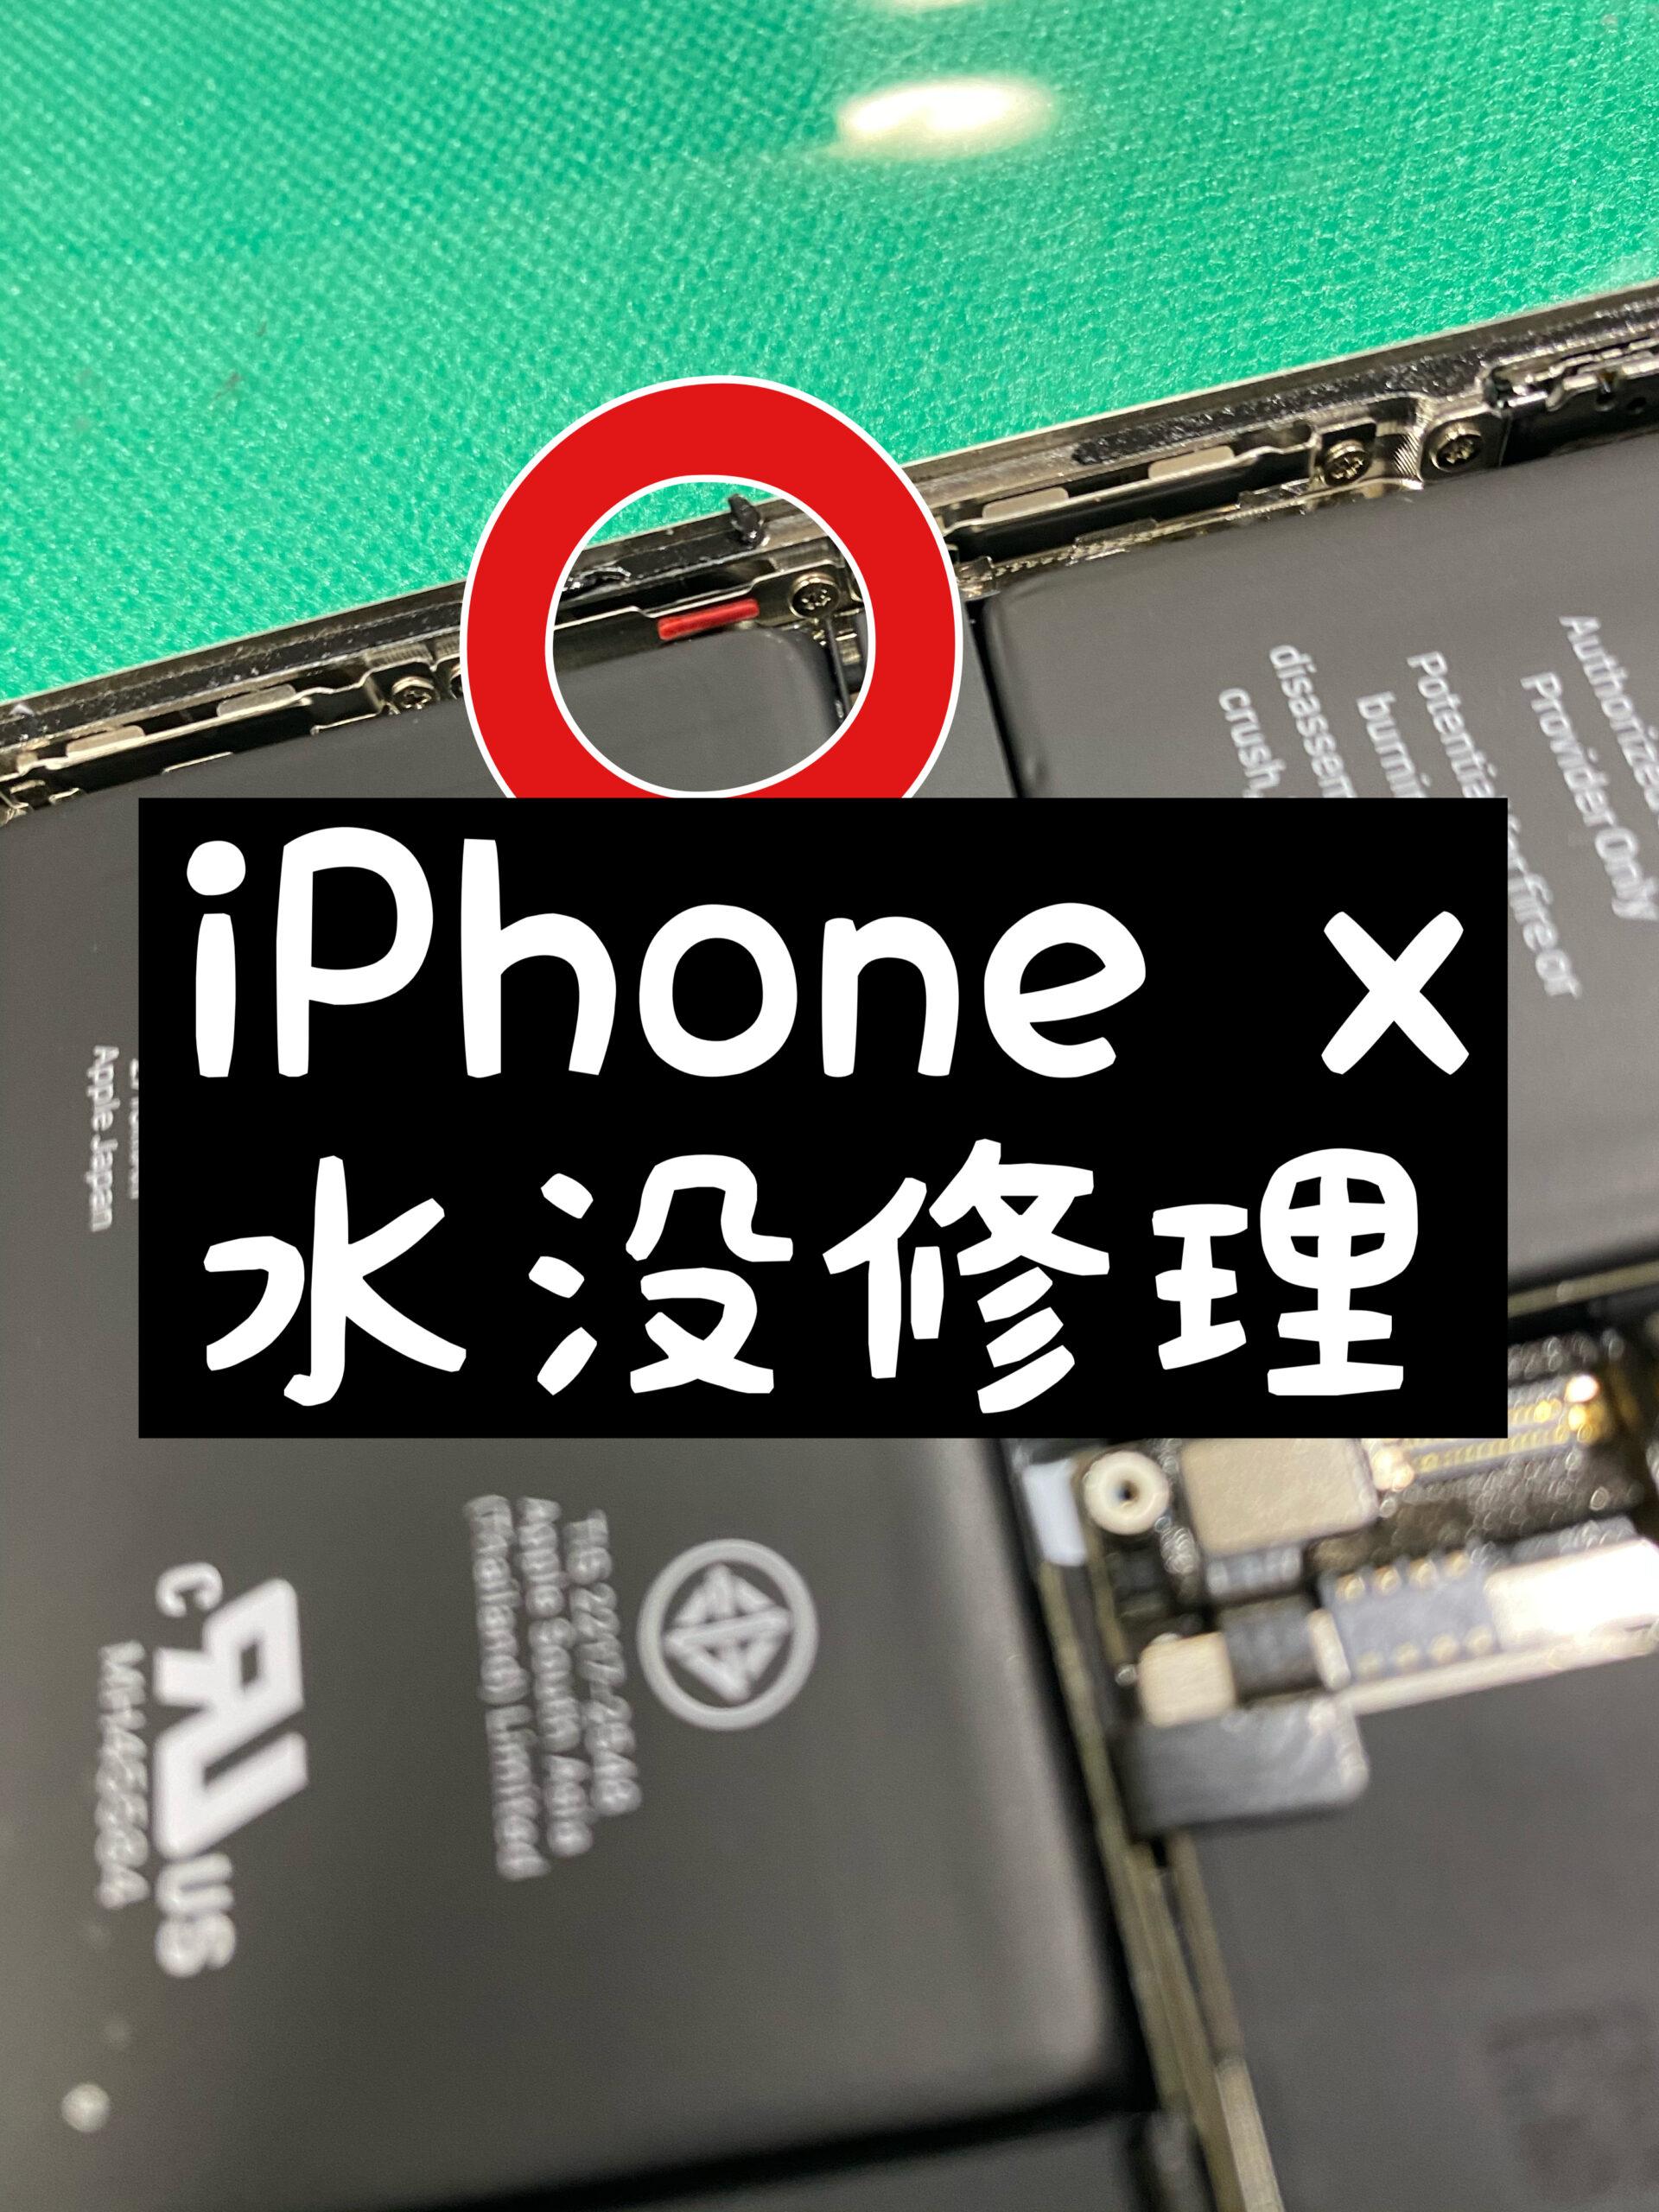 iPhone 水没 濡れた スマホ 江南市 ドンキ ドン・キホーテ 扶桑 大口